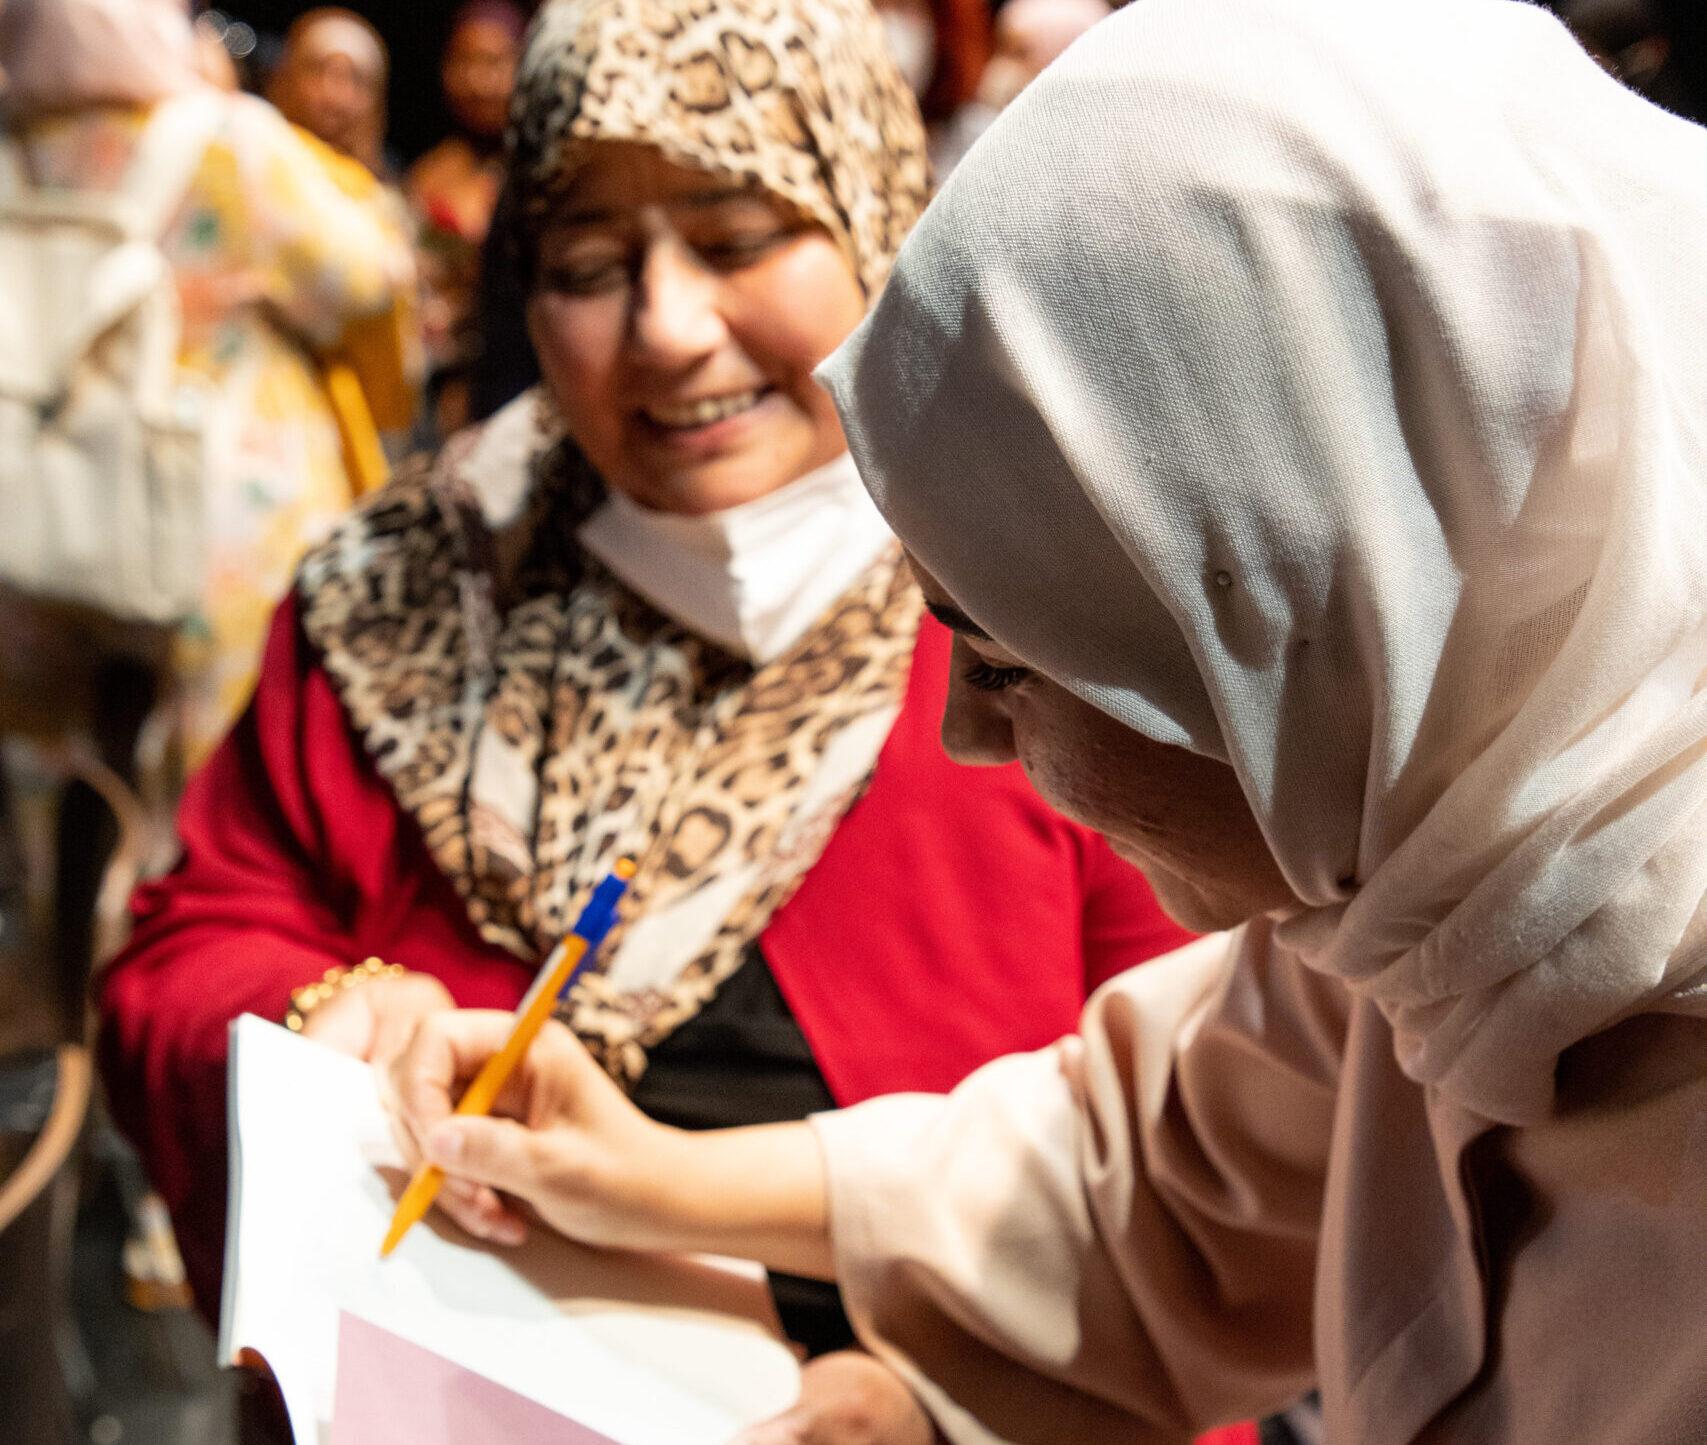 Vorstellung des Buches und Ehrung von Autorinnen und Mitwirkenden